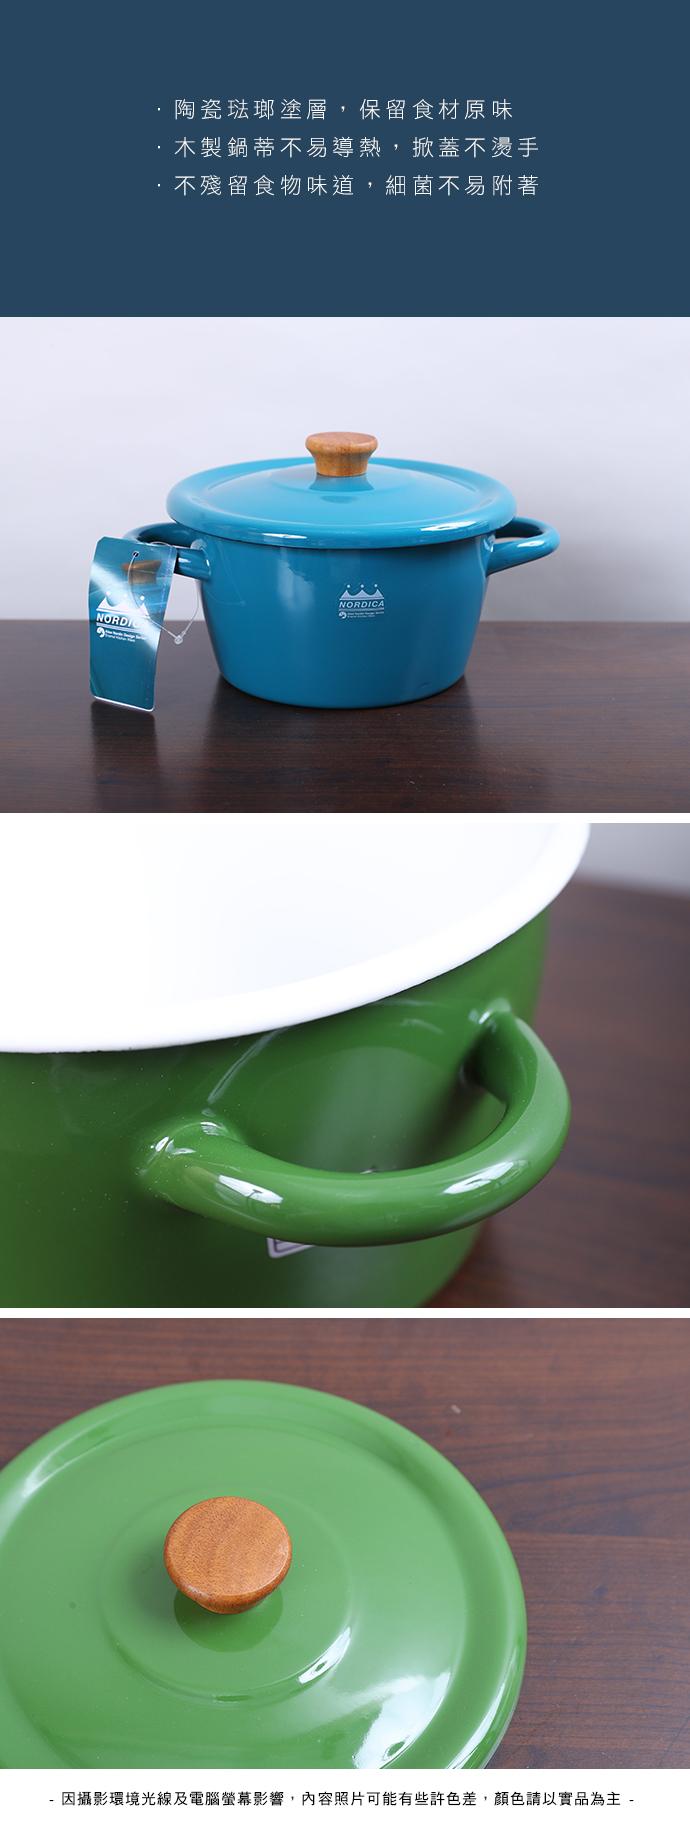 CB Japan 北歐系列琺瑯雙耳湯鍋 - 芥末黃